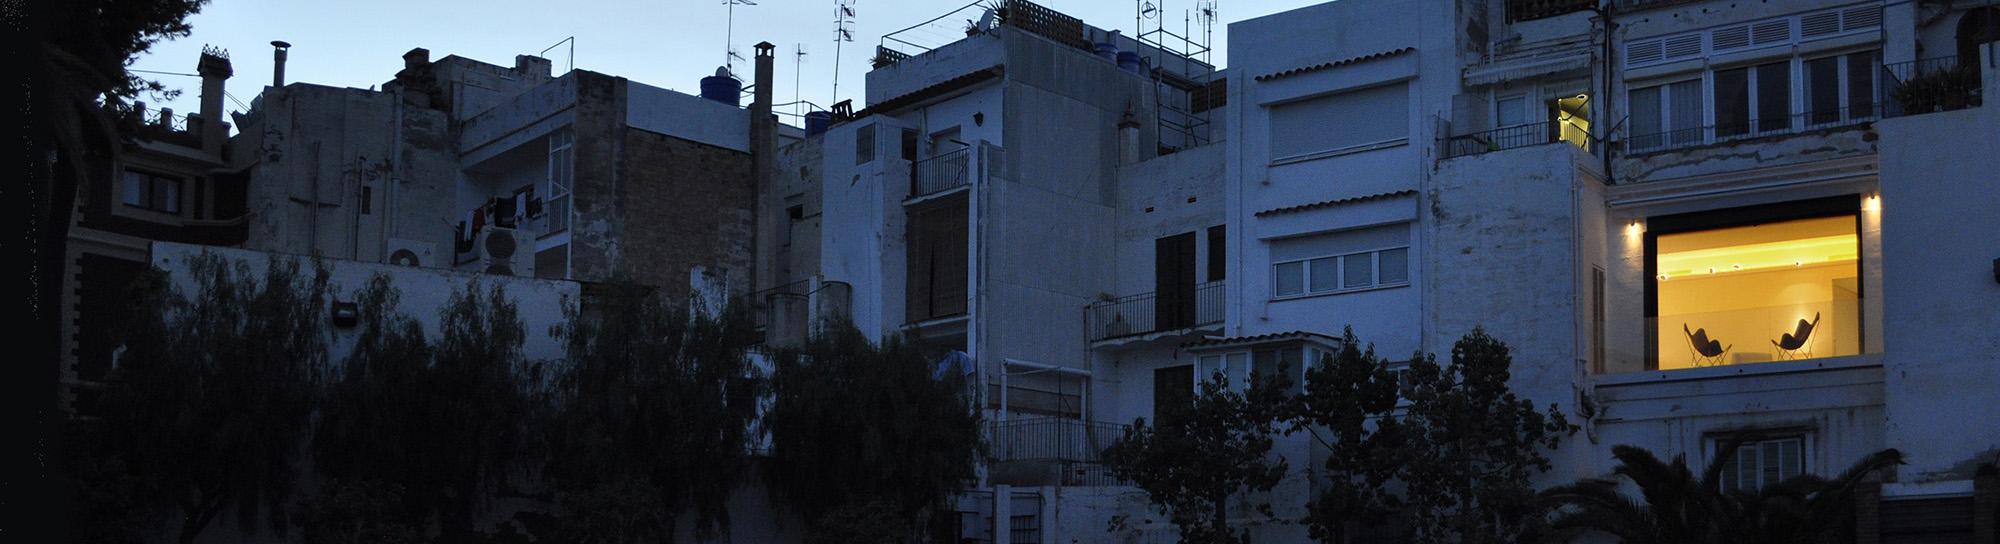 Renovacion de un edificio de interes patrimonial en el - Arquitecto sitges ...